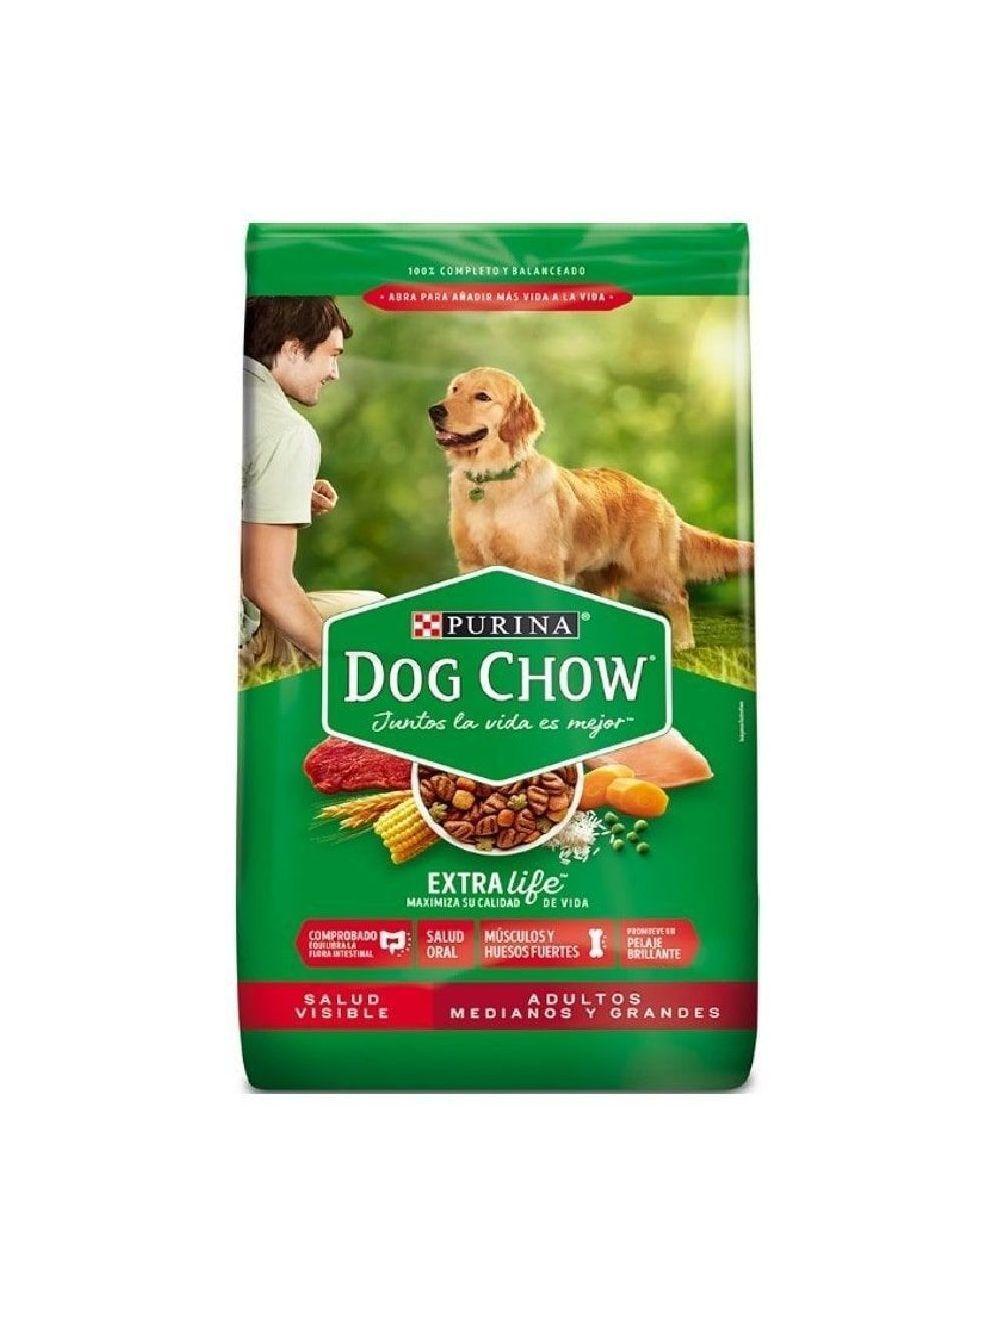 Dog Chow Salud Visible Adultos Medianos Y Grandes (4 Kg)